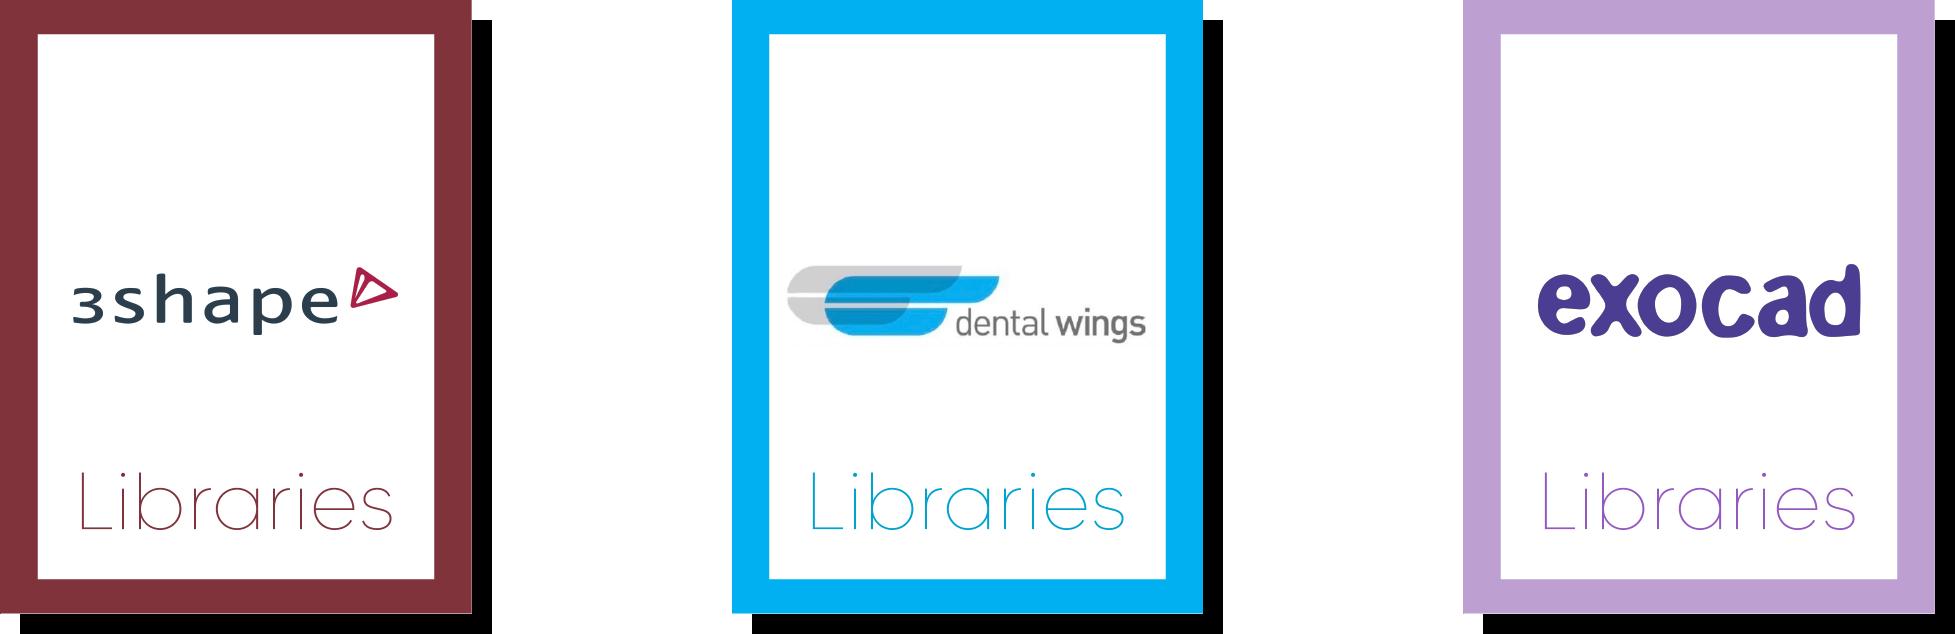 Software de planificación: 3Shape, Dental wings, Exocad